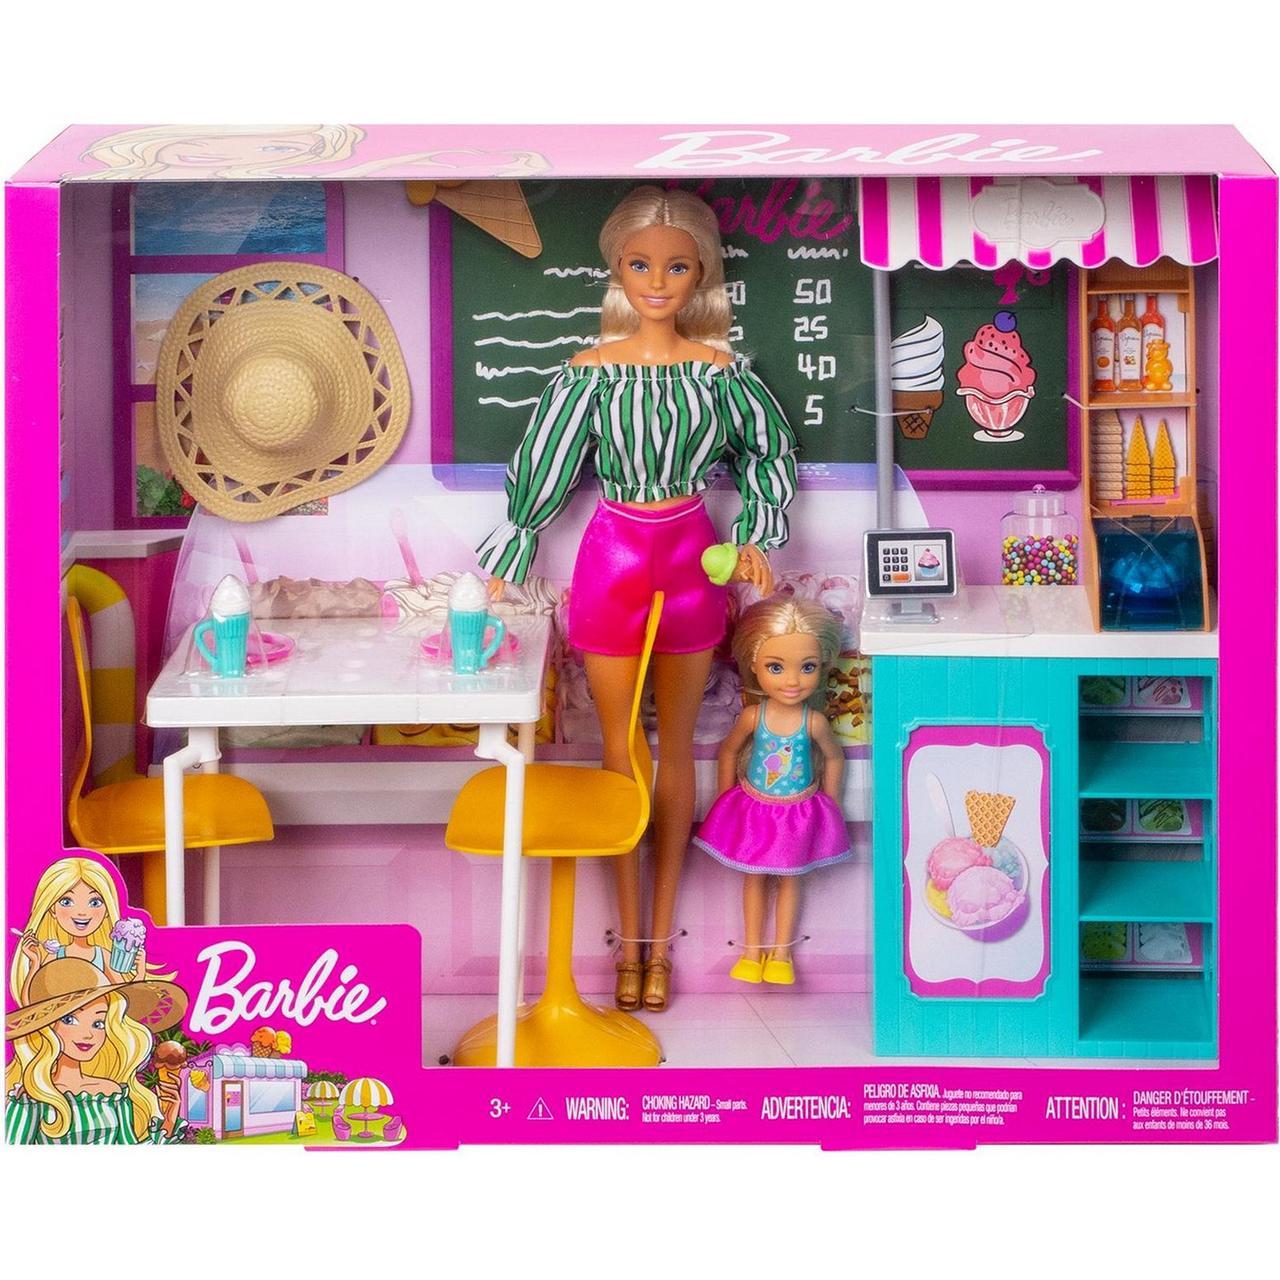 Barbie Игровой набор Магазин Кафе-мороженое с куклами Барби и Челси